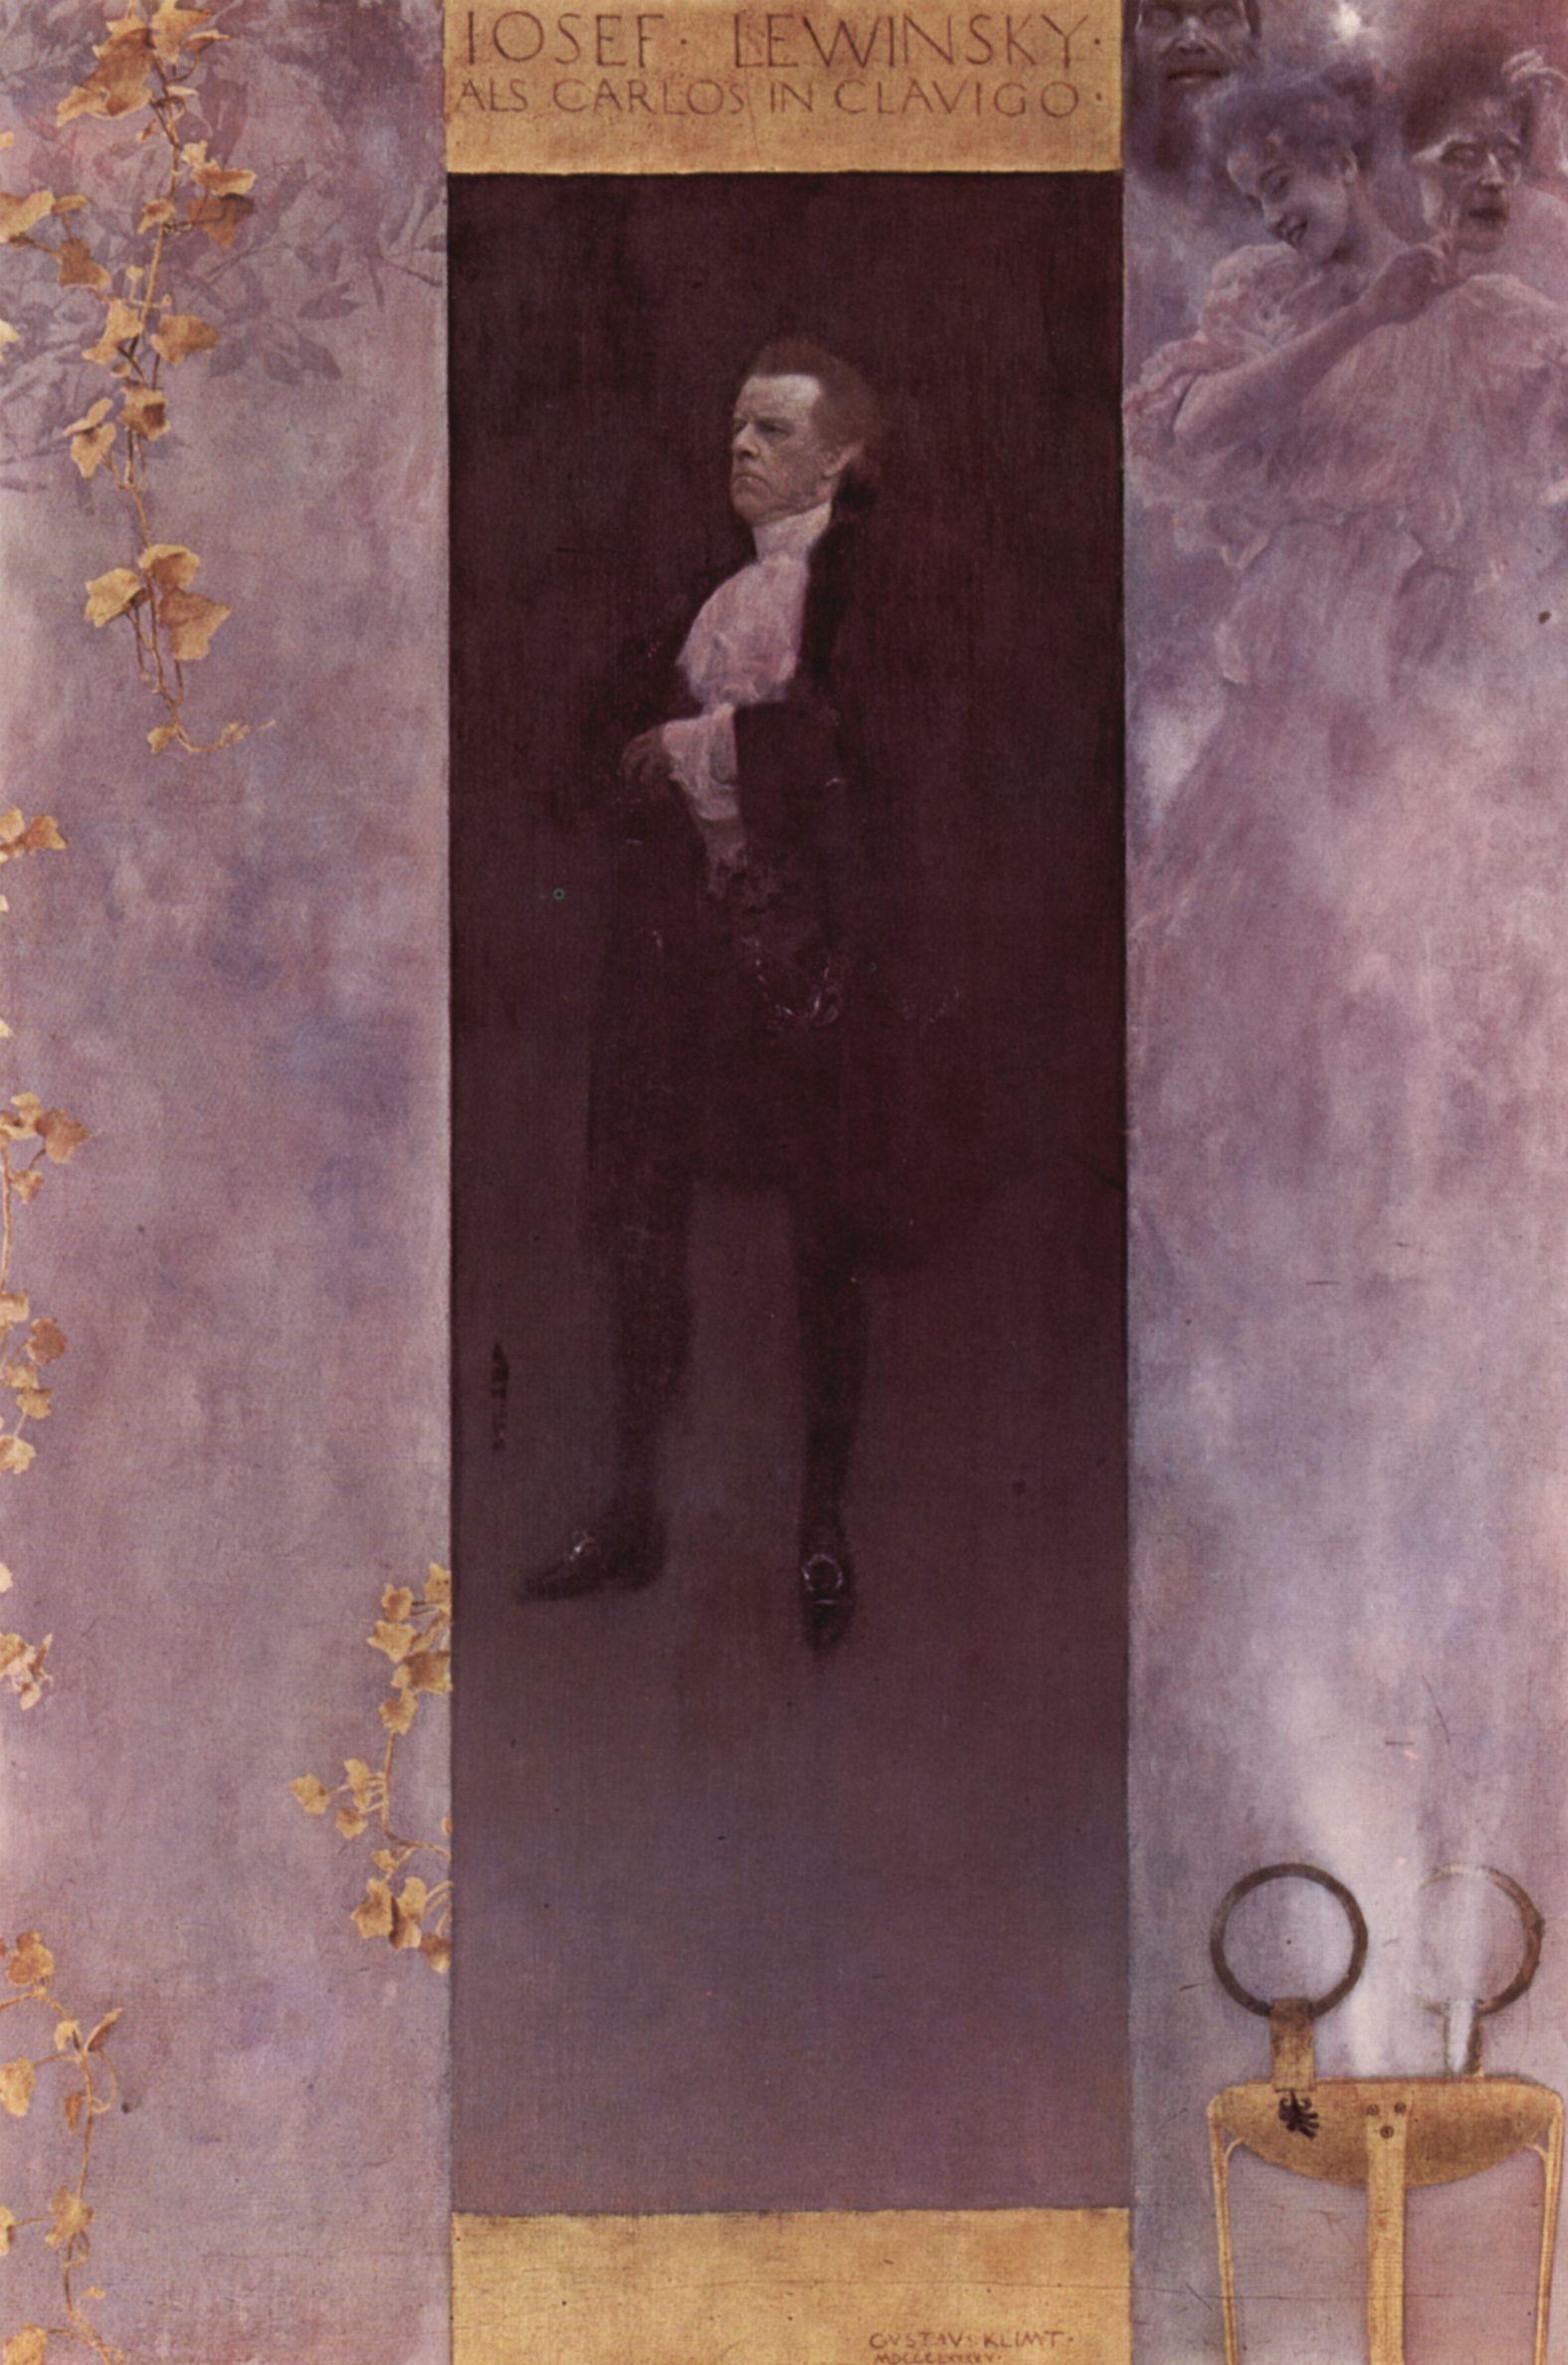 Josef Lewinsky, 1895